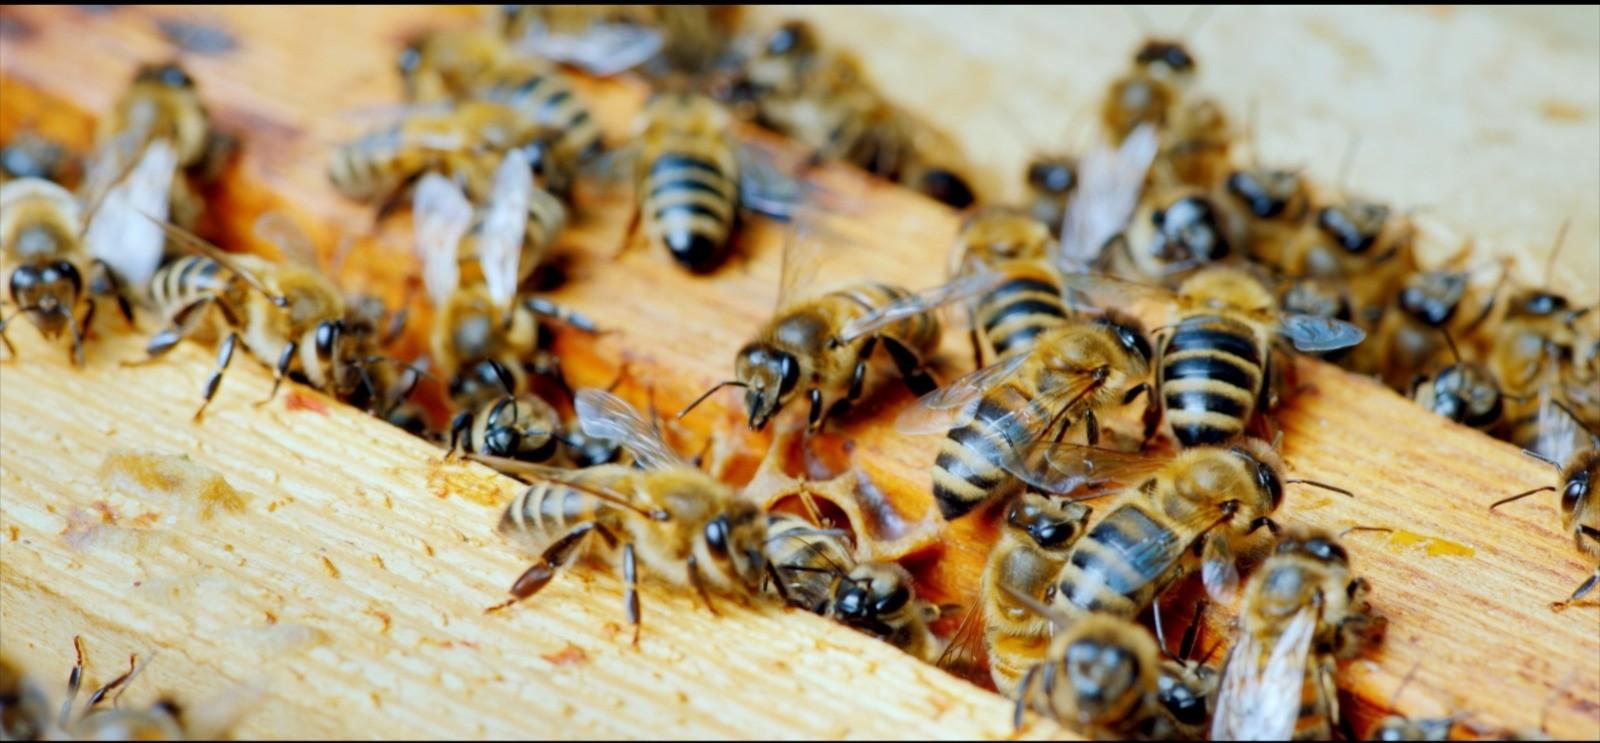 Türk arıcılığında önemli gelişme! Anadolu bal arısının genetik haritası çıkarılacak